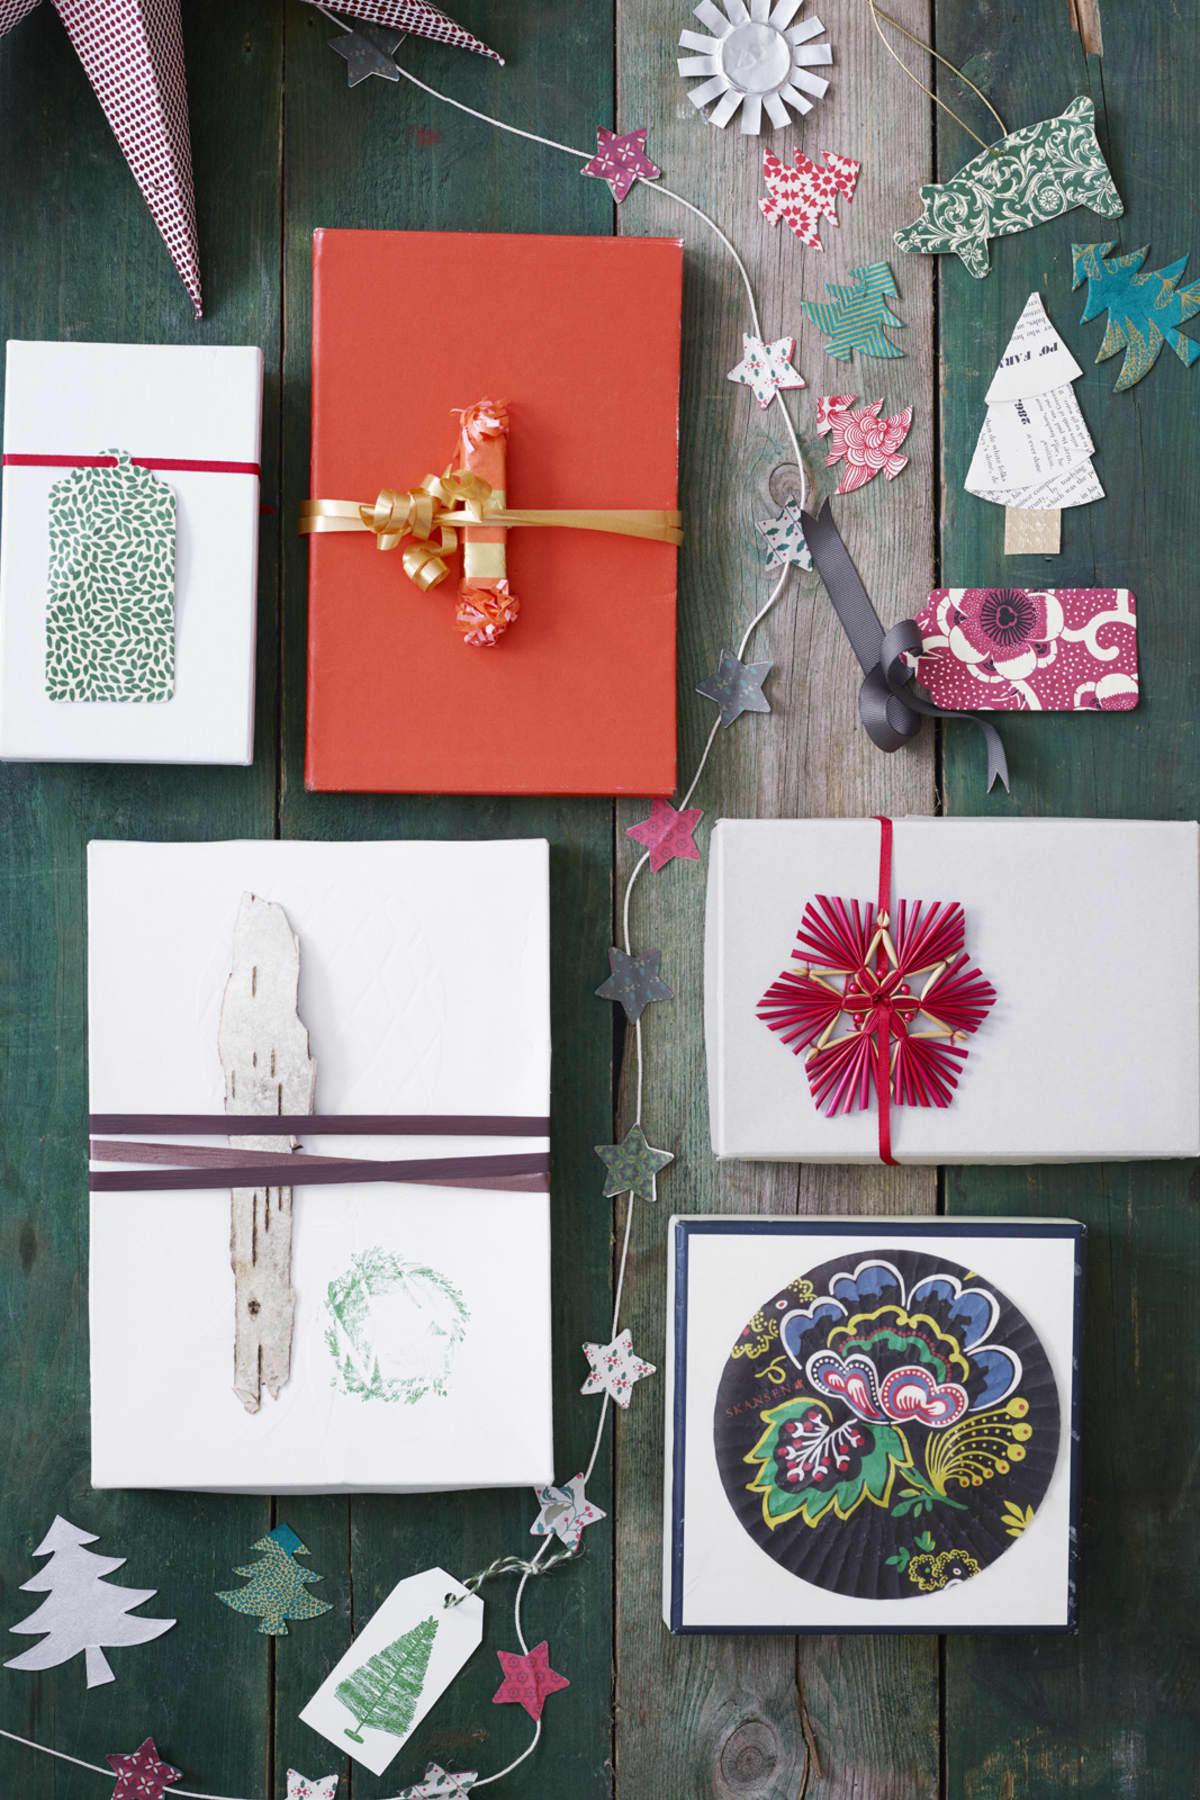 Ta sparade diverse olika förpackningar och gör fina paket av, meddina egna personliga etikett och dekorationer. Mönstrade Ettiketter, till vänster grön och till höger röd, 30 kr/ 6-pack. Från Bungalow. Stjärn girlang gör du lätt själv. Ett snöre och klipp ut dubbla stjärnor och limma snöret mellan. Söta julgranar klipper du ut själv. Etikett med stämplad gran, ca 90 kr, från Paper Source. Paket med julgrans dekoration i halm eller ett dekorativt muffins papper, liten smällkaramell liksom en bit björkbark kan ger fina, mer udda oväntade paket.